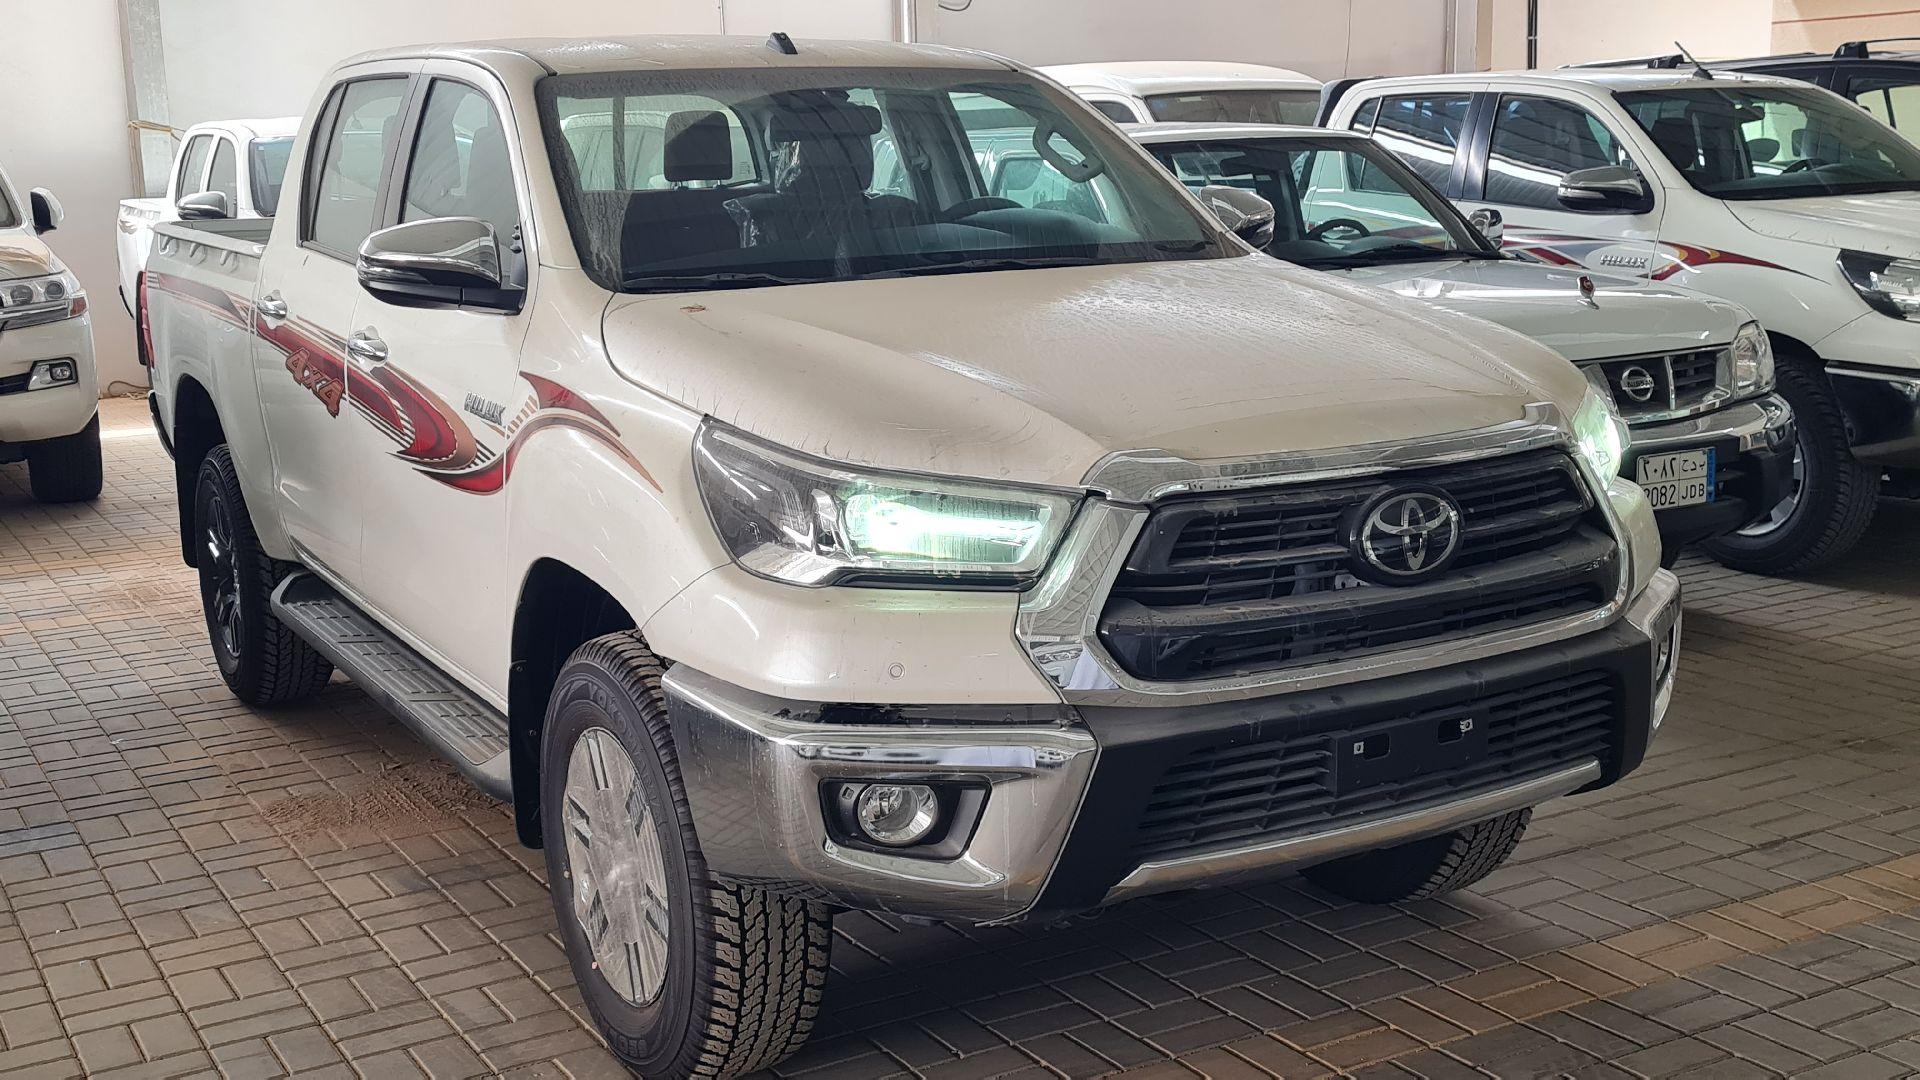 تويوتا هايلكس GLX.S 2021 فل بريمي للبيع في الرياض - السعودية - صورة كبيرة - 2